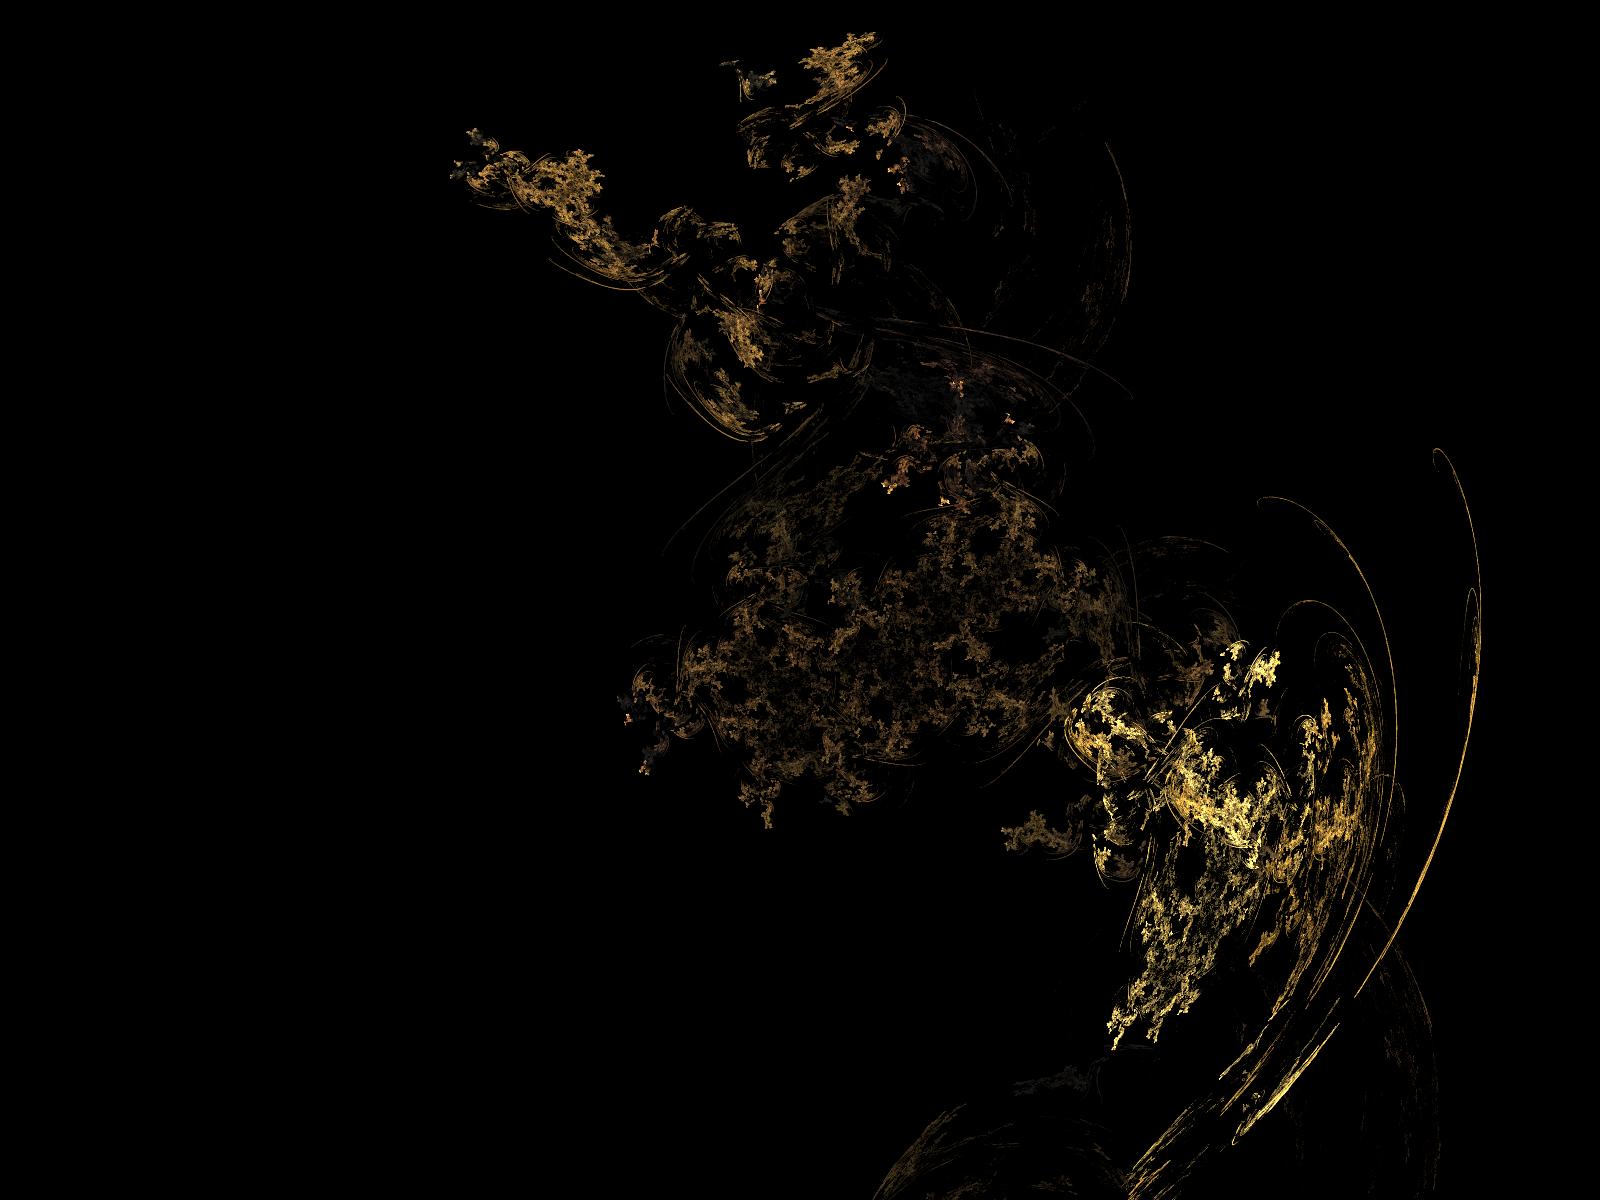 Black and Gold Wallpaper - WallpaperSafari